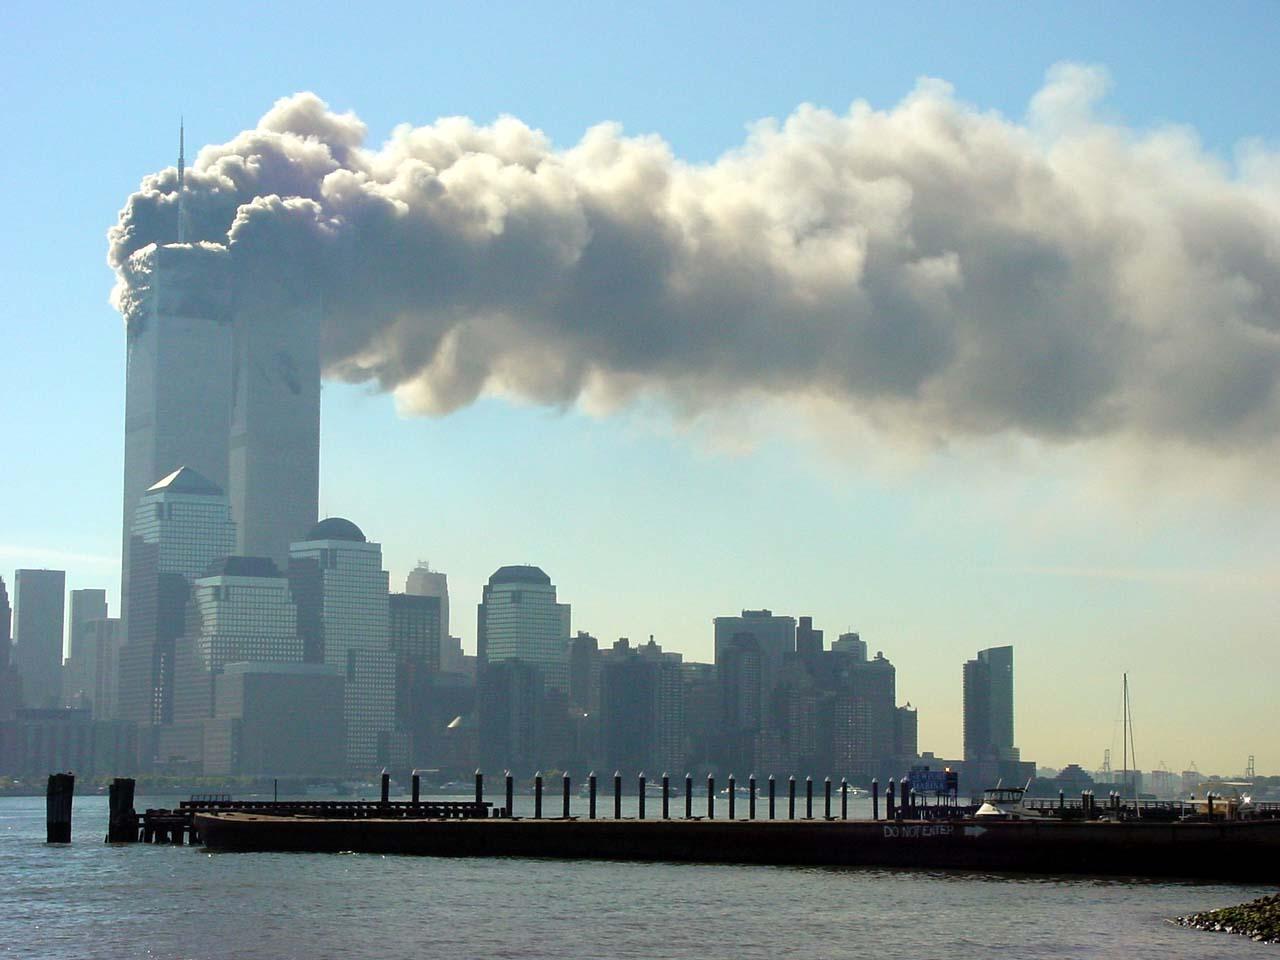 ביום שהמגדלים נפלו: אלקנה כהן על המוזיקה שבאה בעקבות אסון התאומים